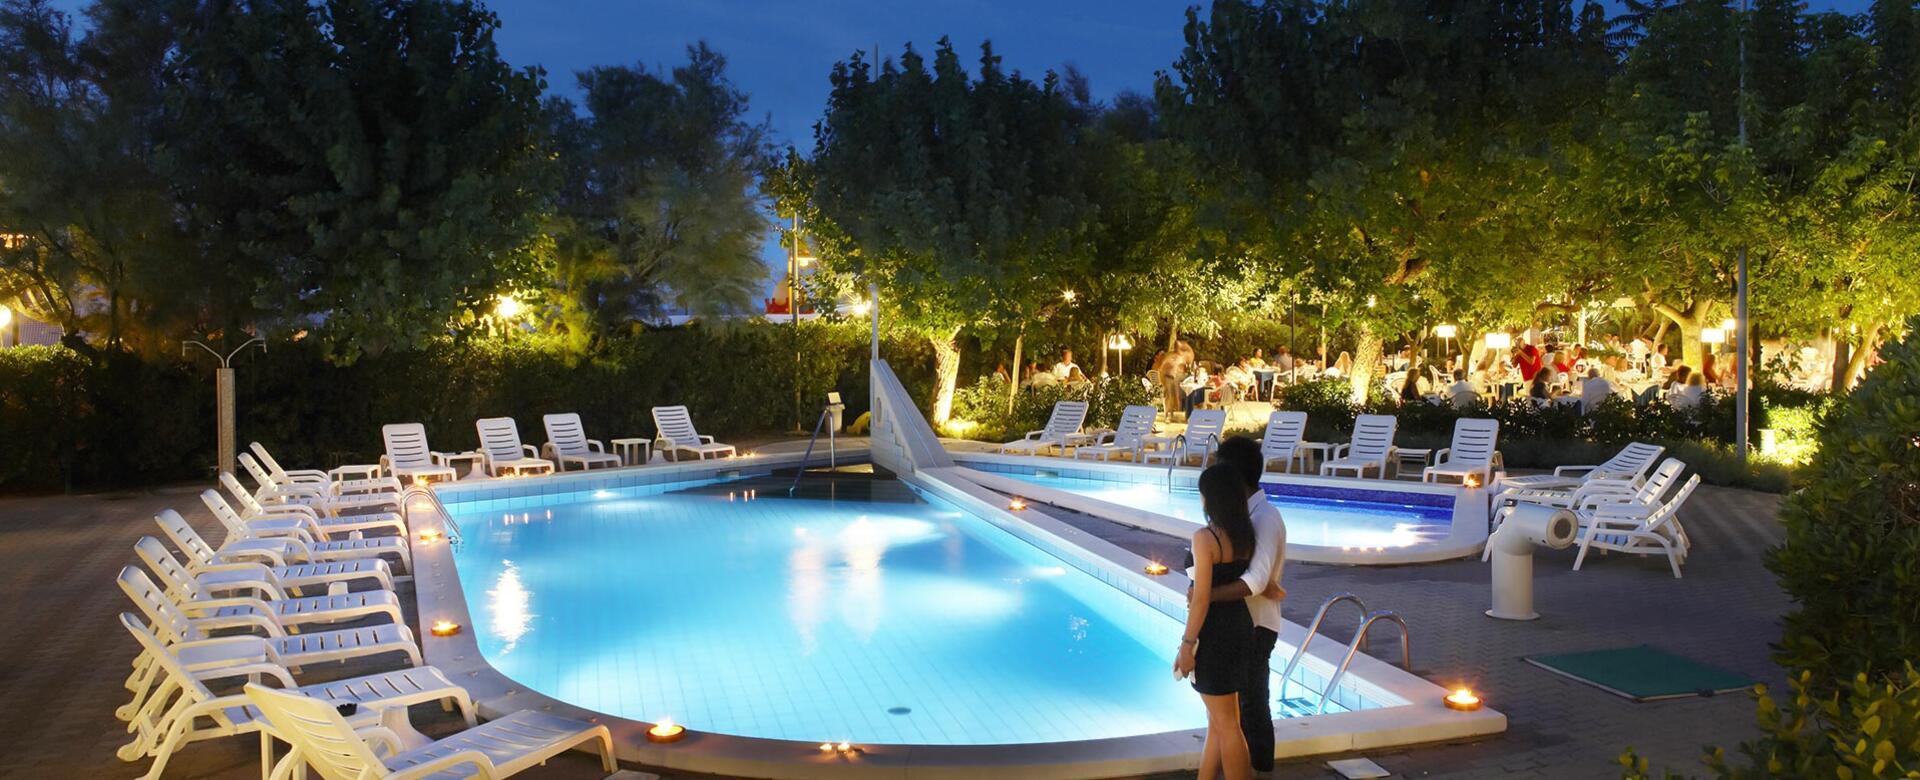 alexandraplaza it offerte-hotel-riccione 003